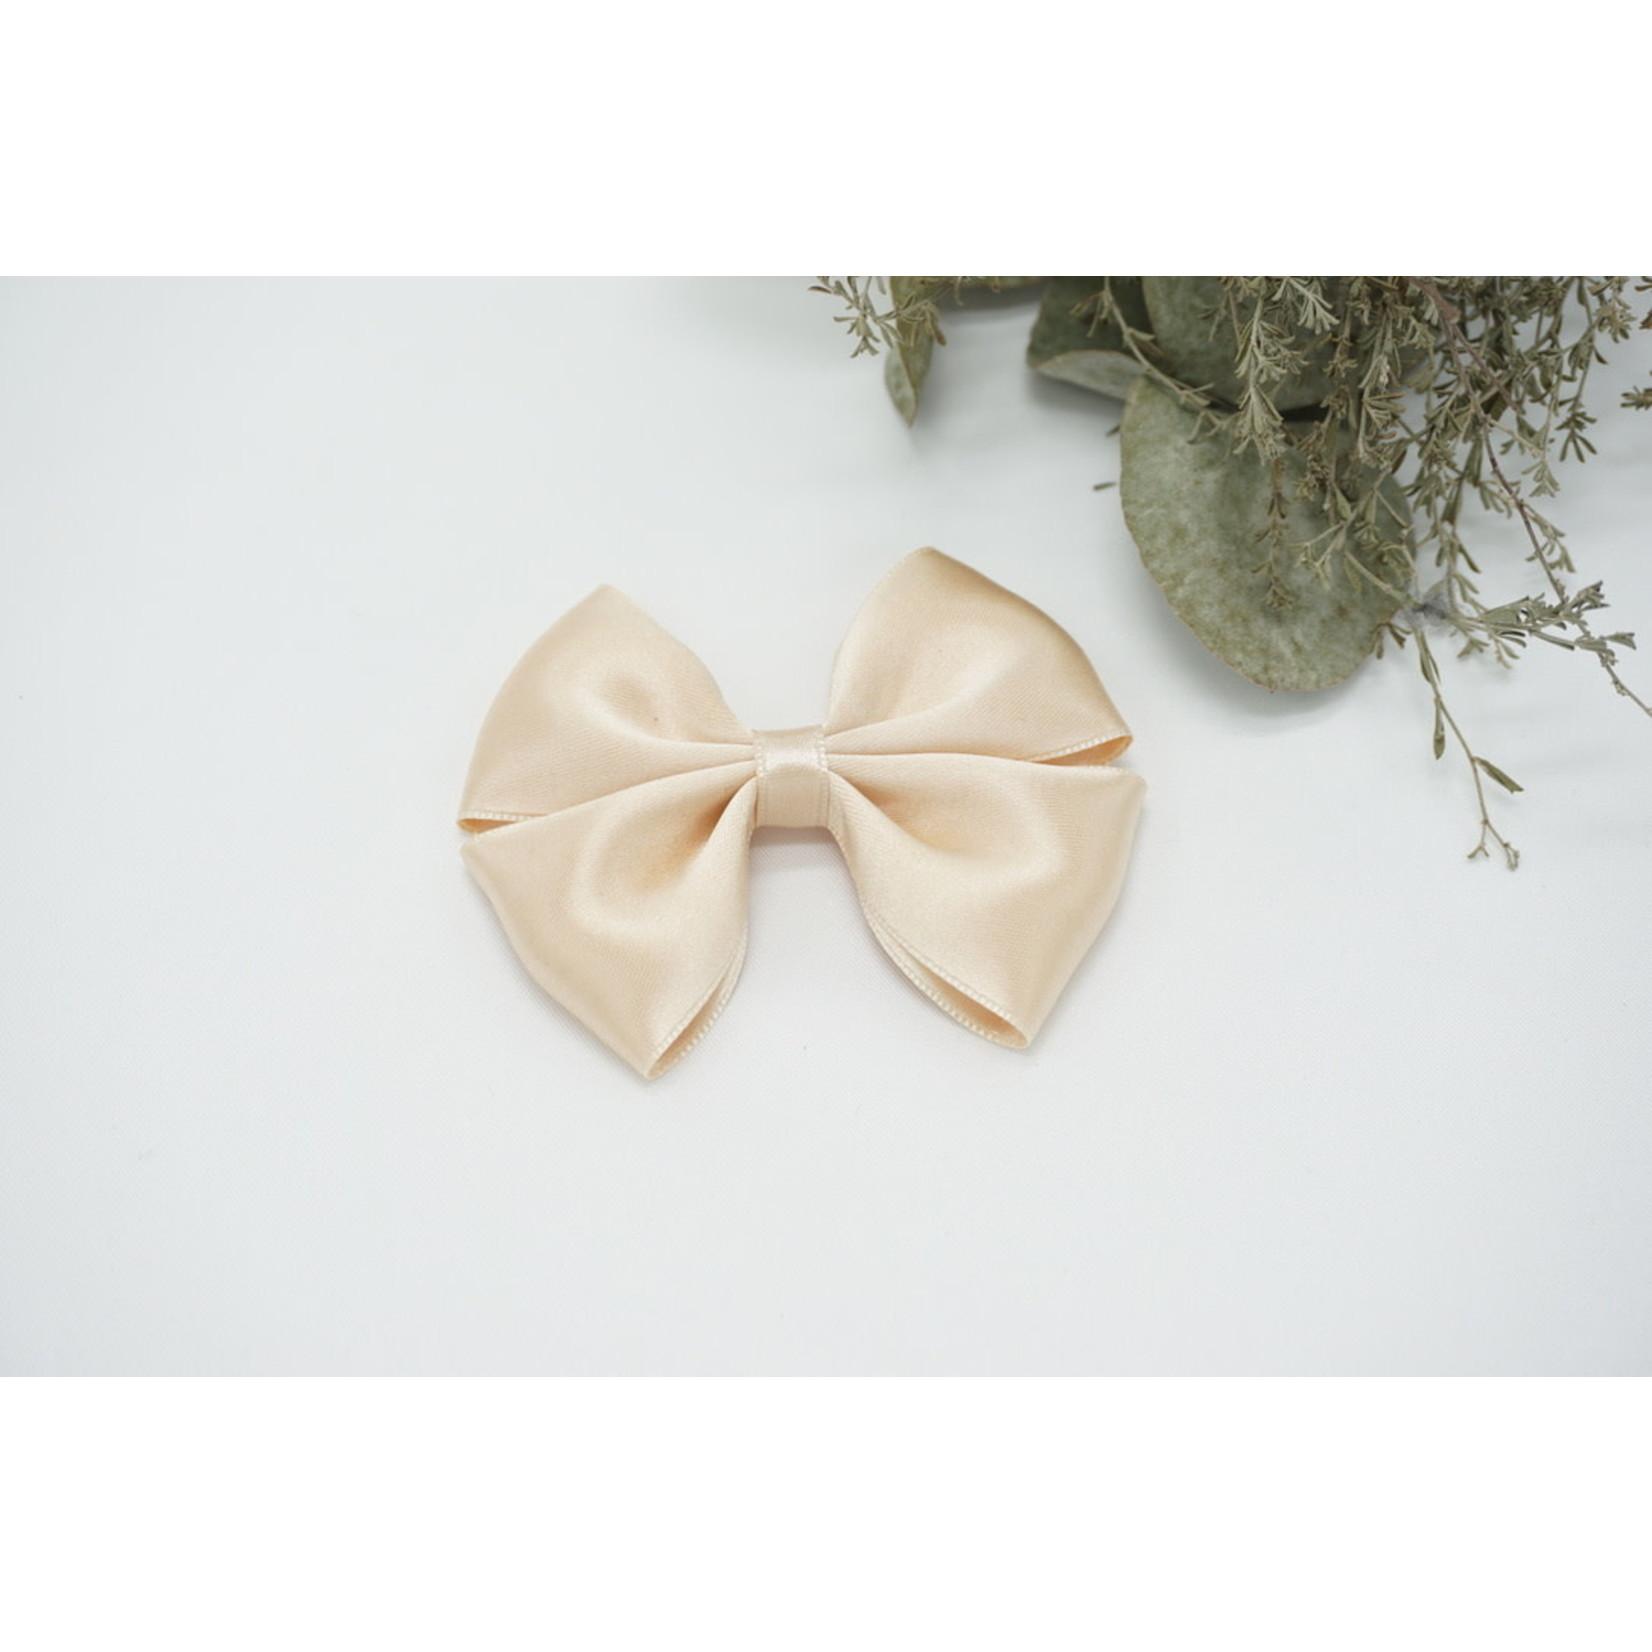 Petite Zara Satin Bow - Seashell